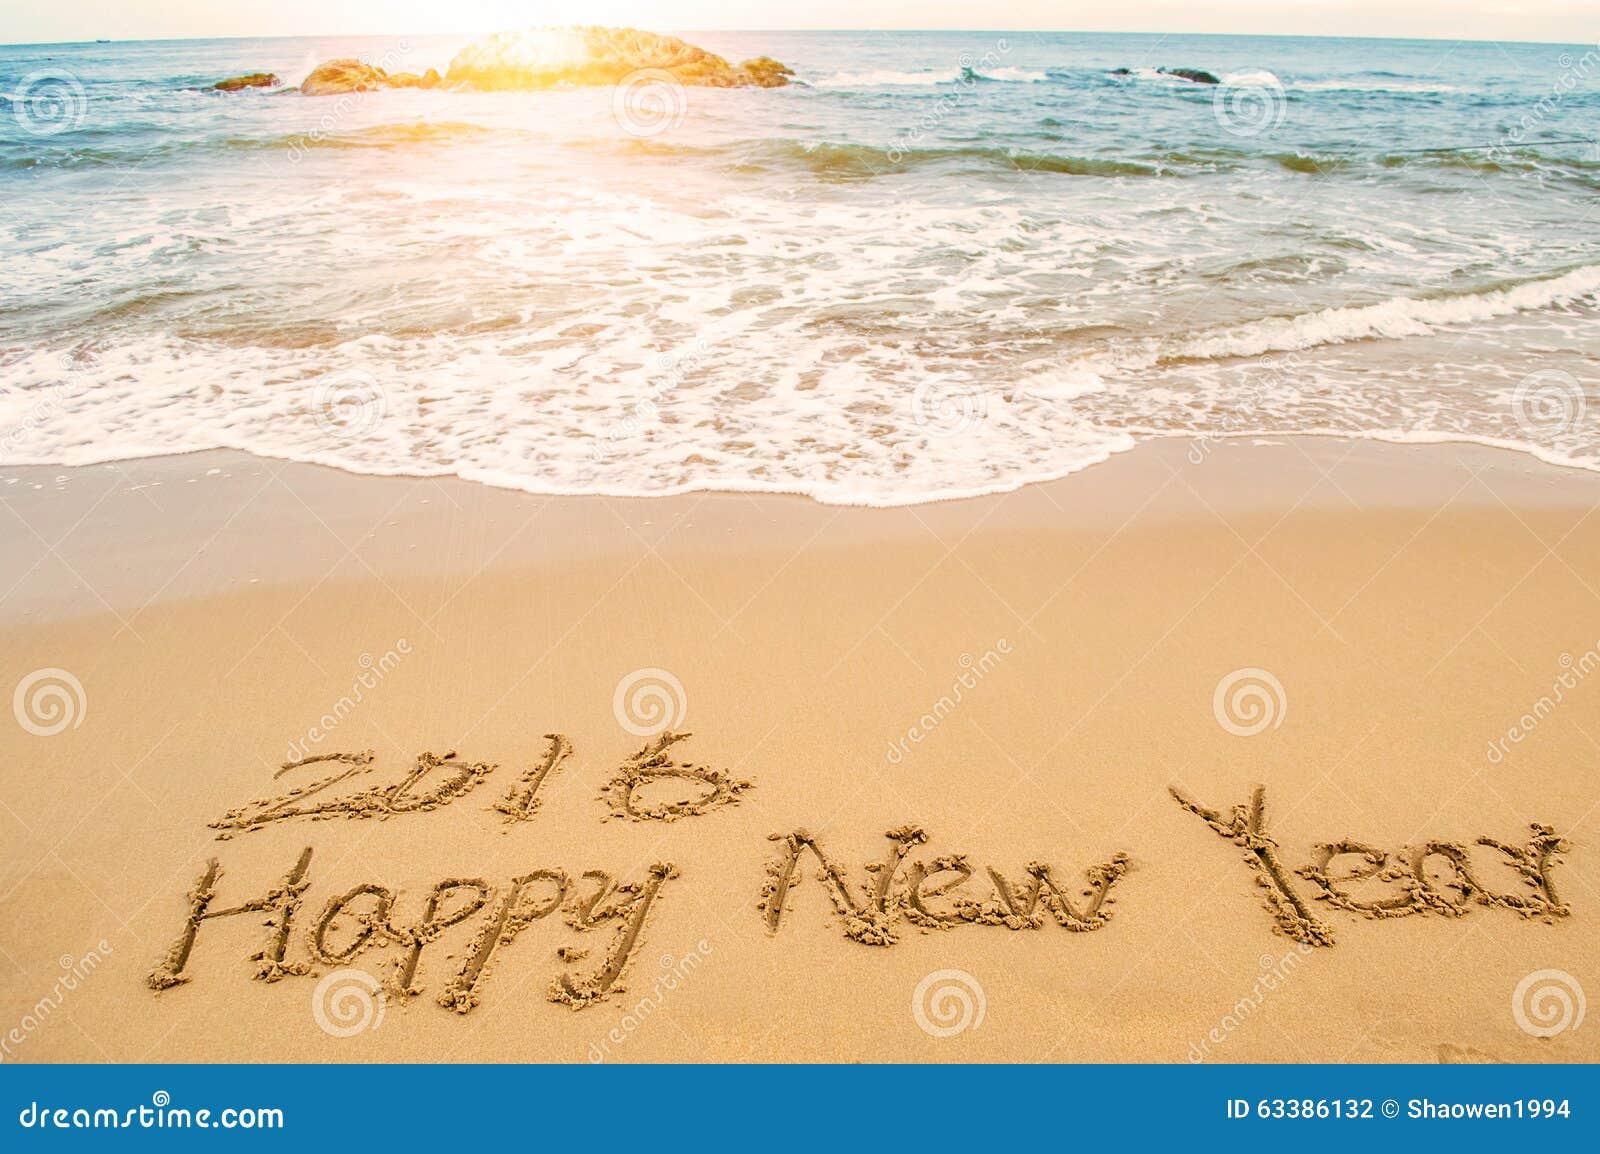 Pisze szczęśliwego nowego roku 2016 na plaży